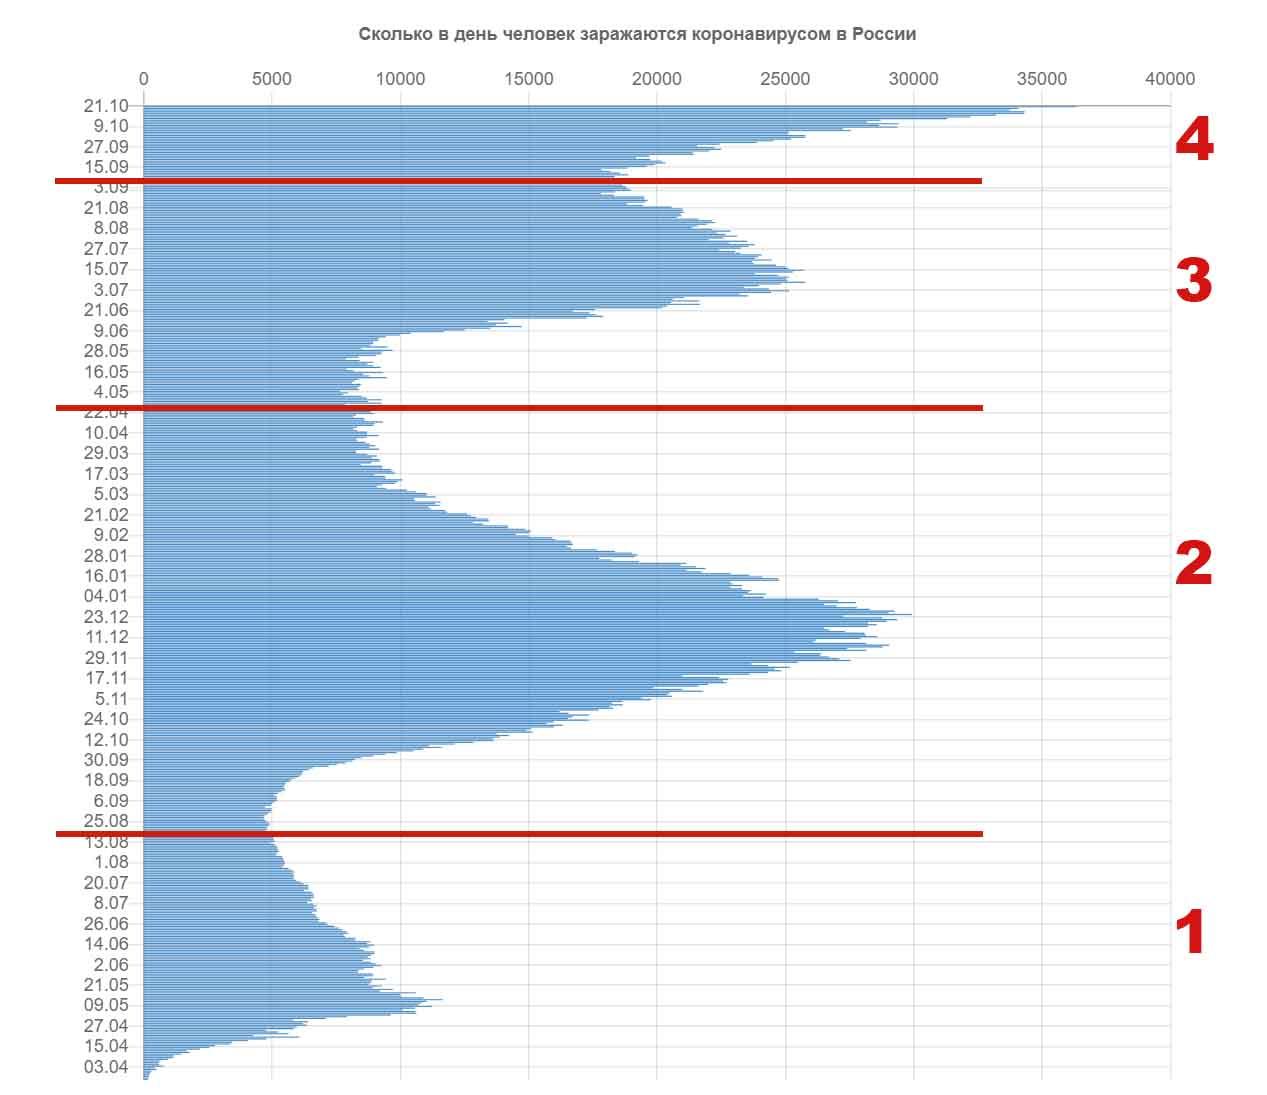 Волны коронавируса в России, график